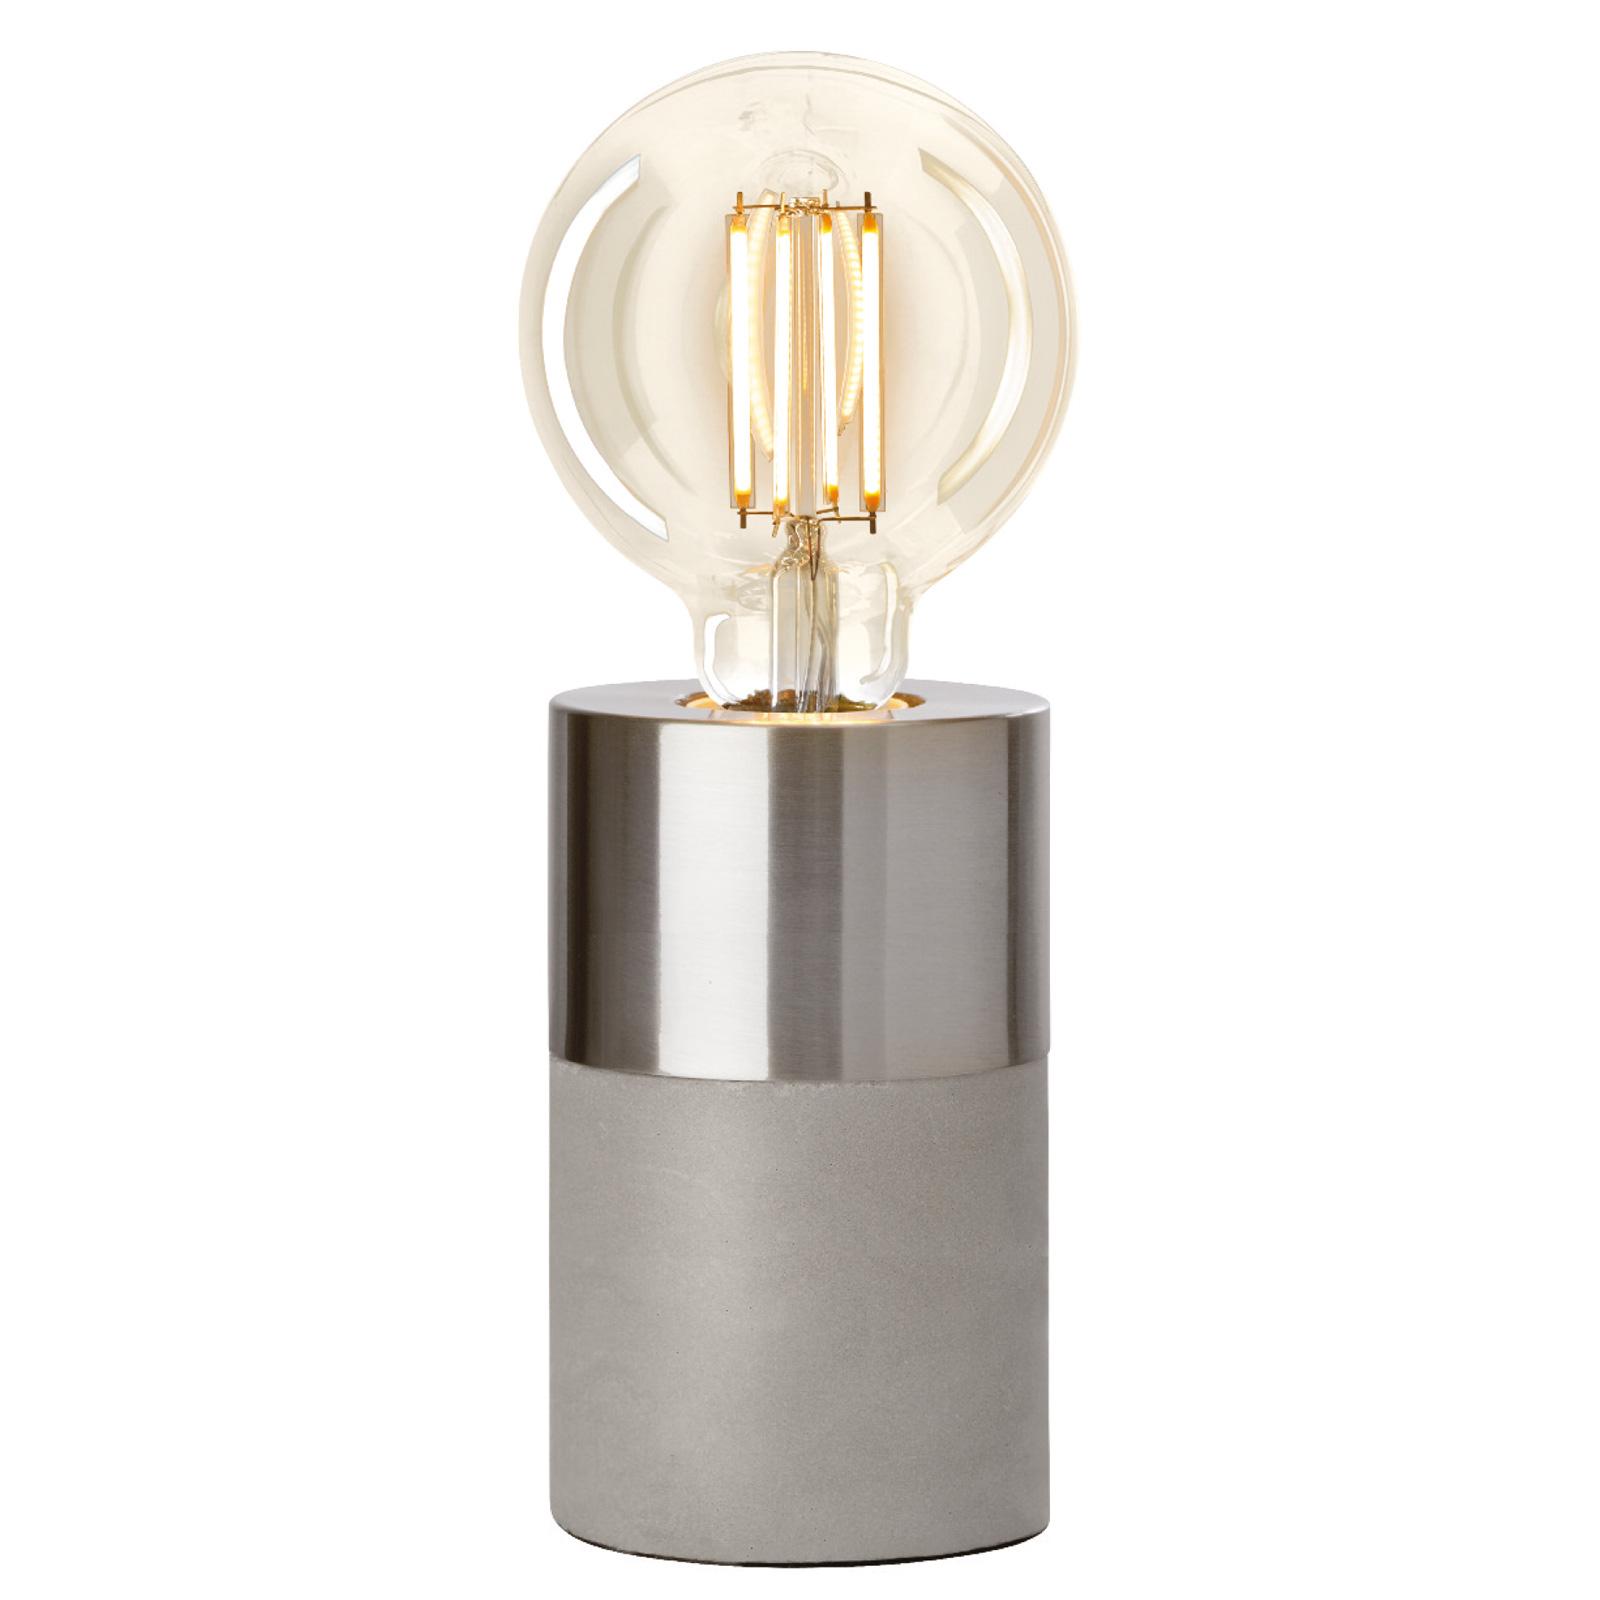 Villeroy & Boch Athen tafellamp in chroomoptiek